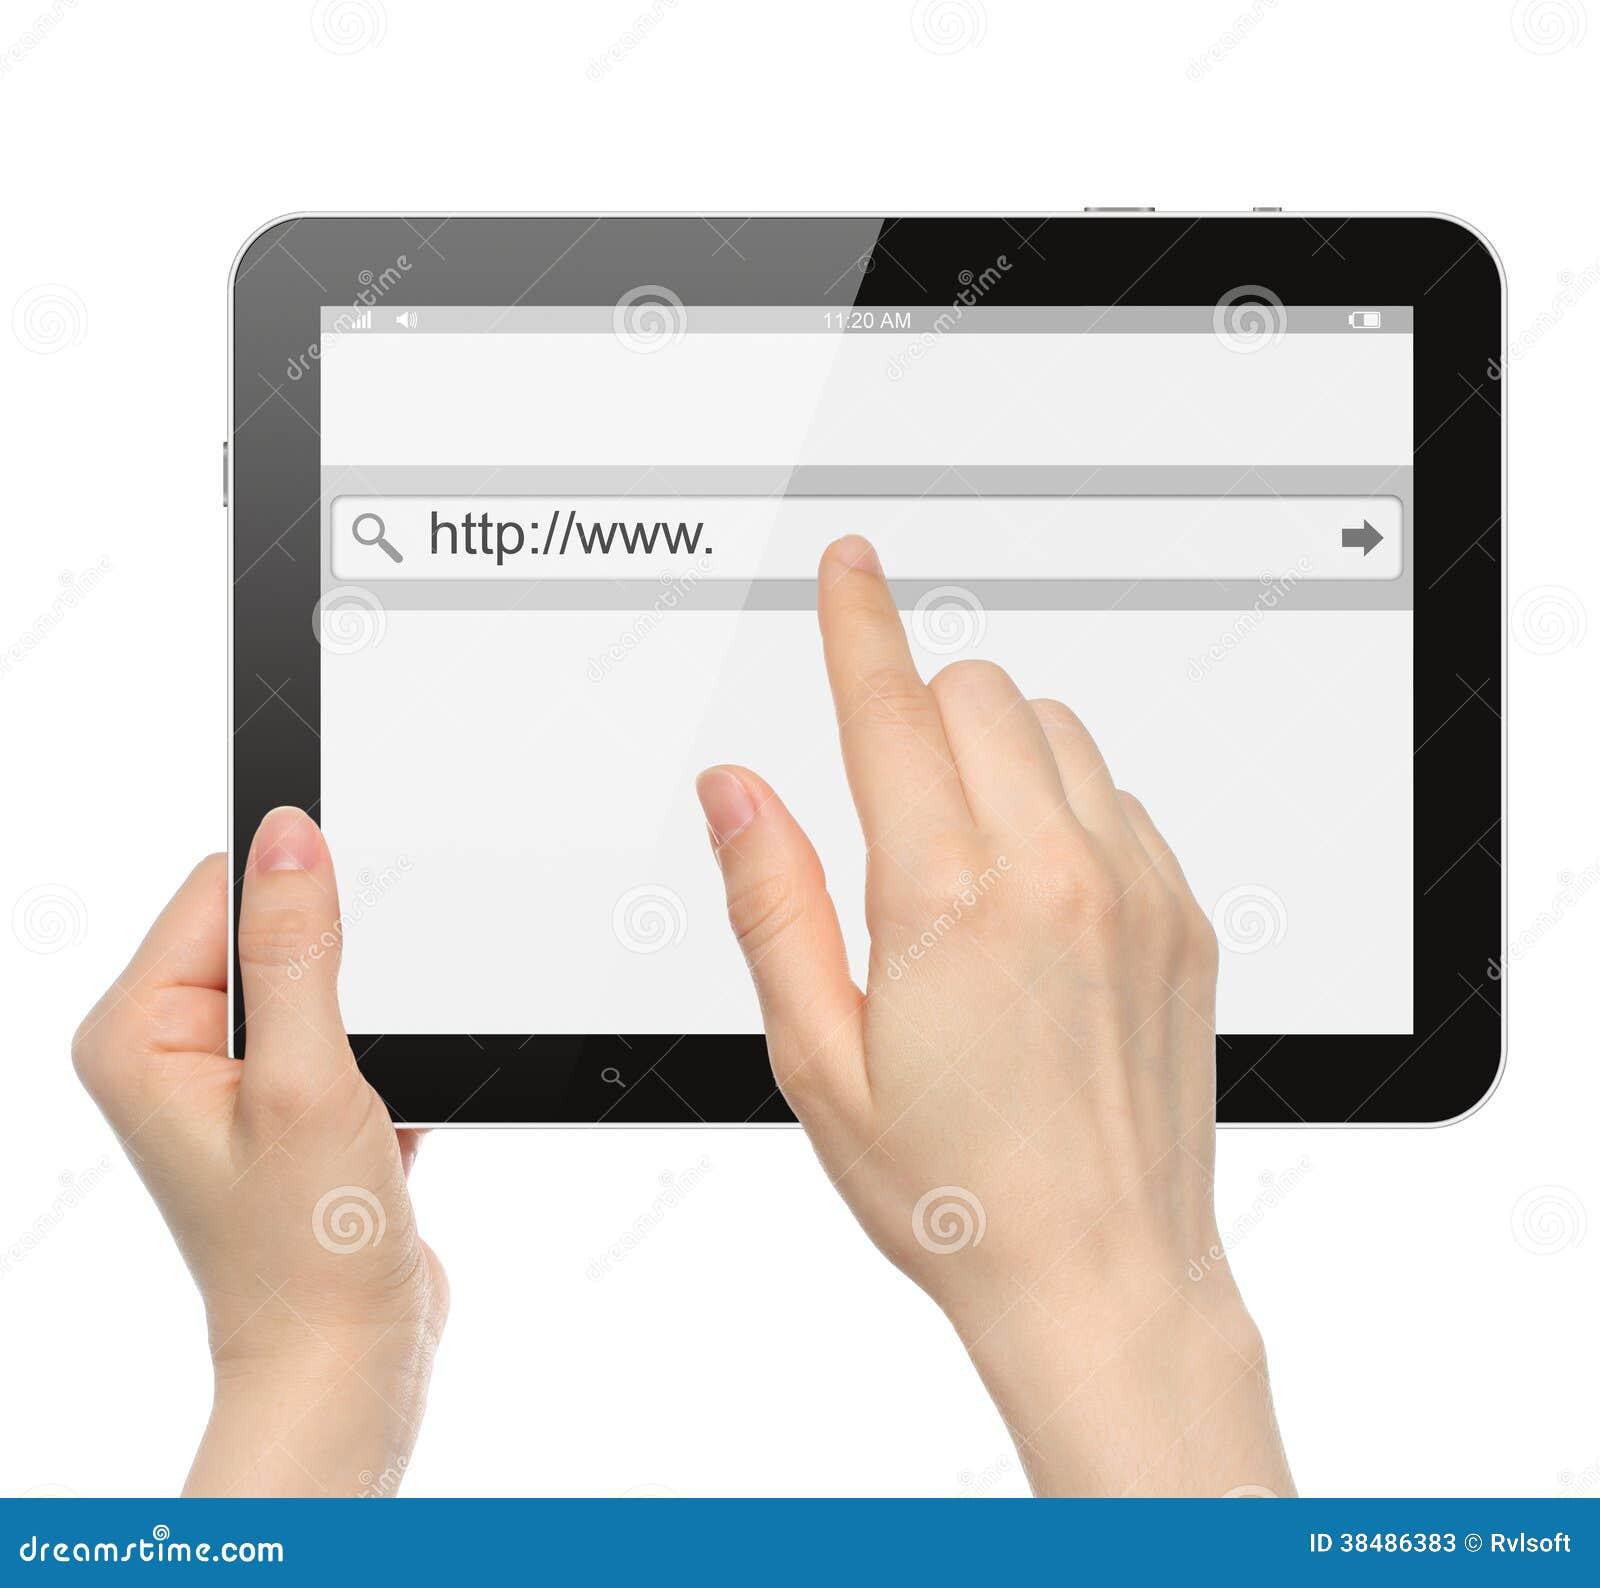 Empujar la barra virtual de la búsqueda manualmente